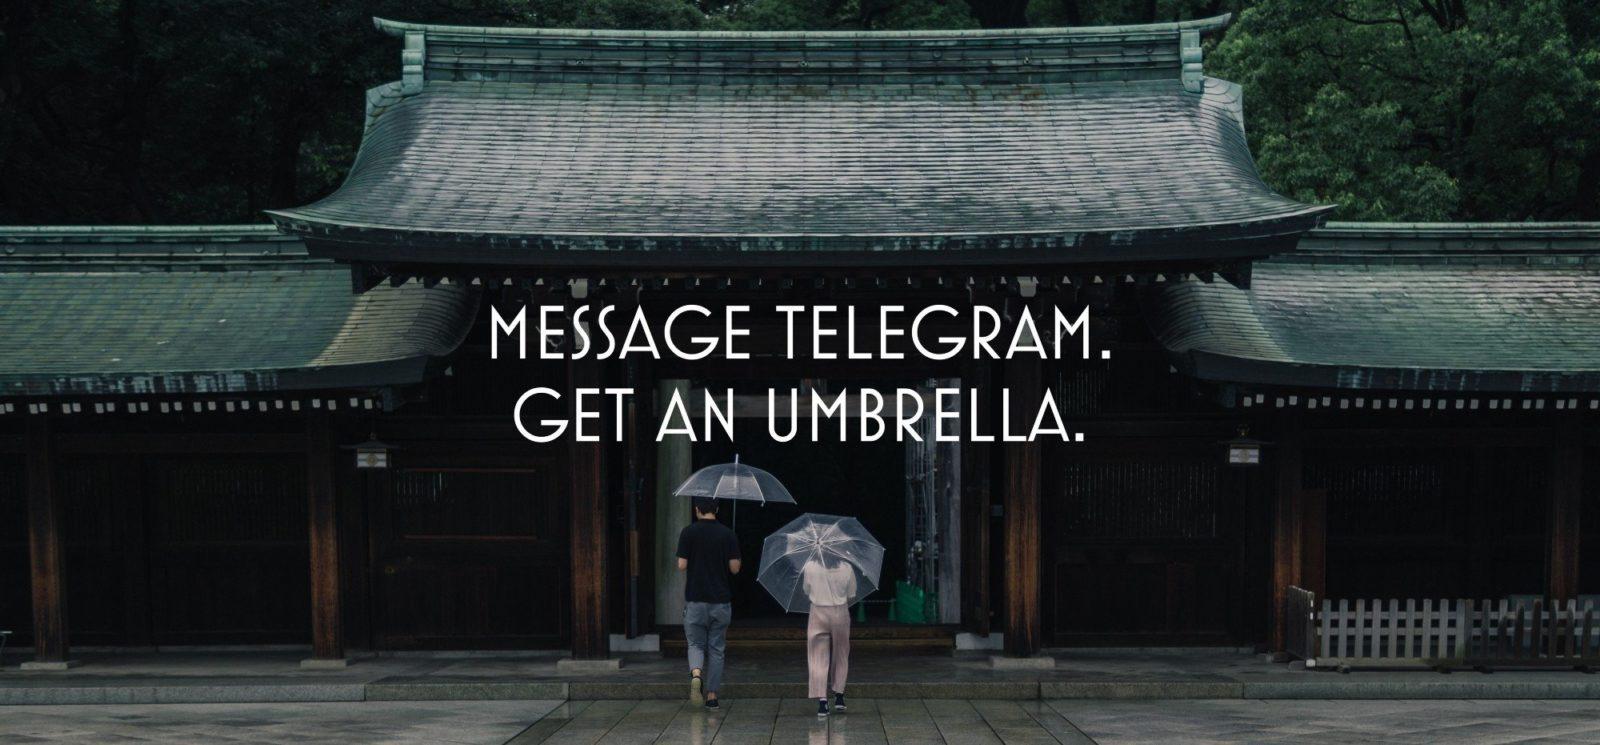 Get in umbrella